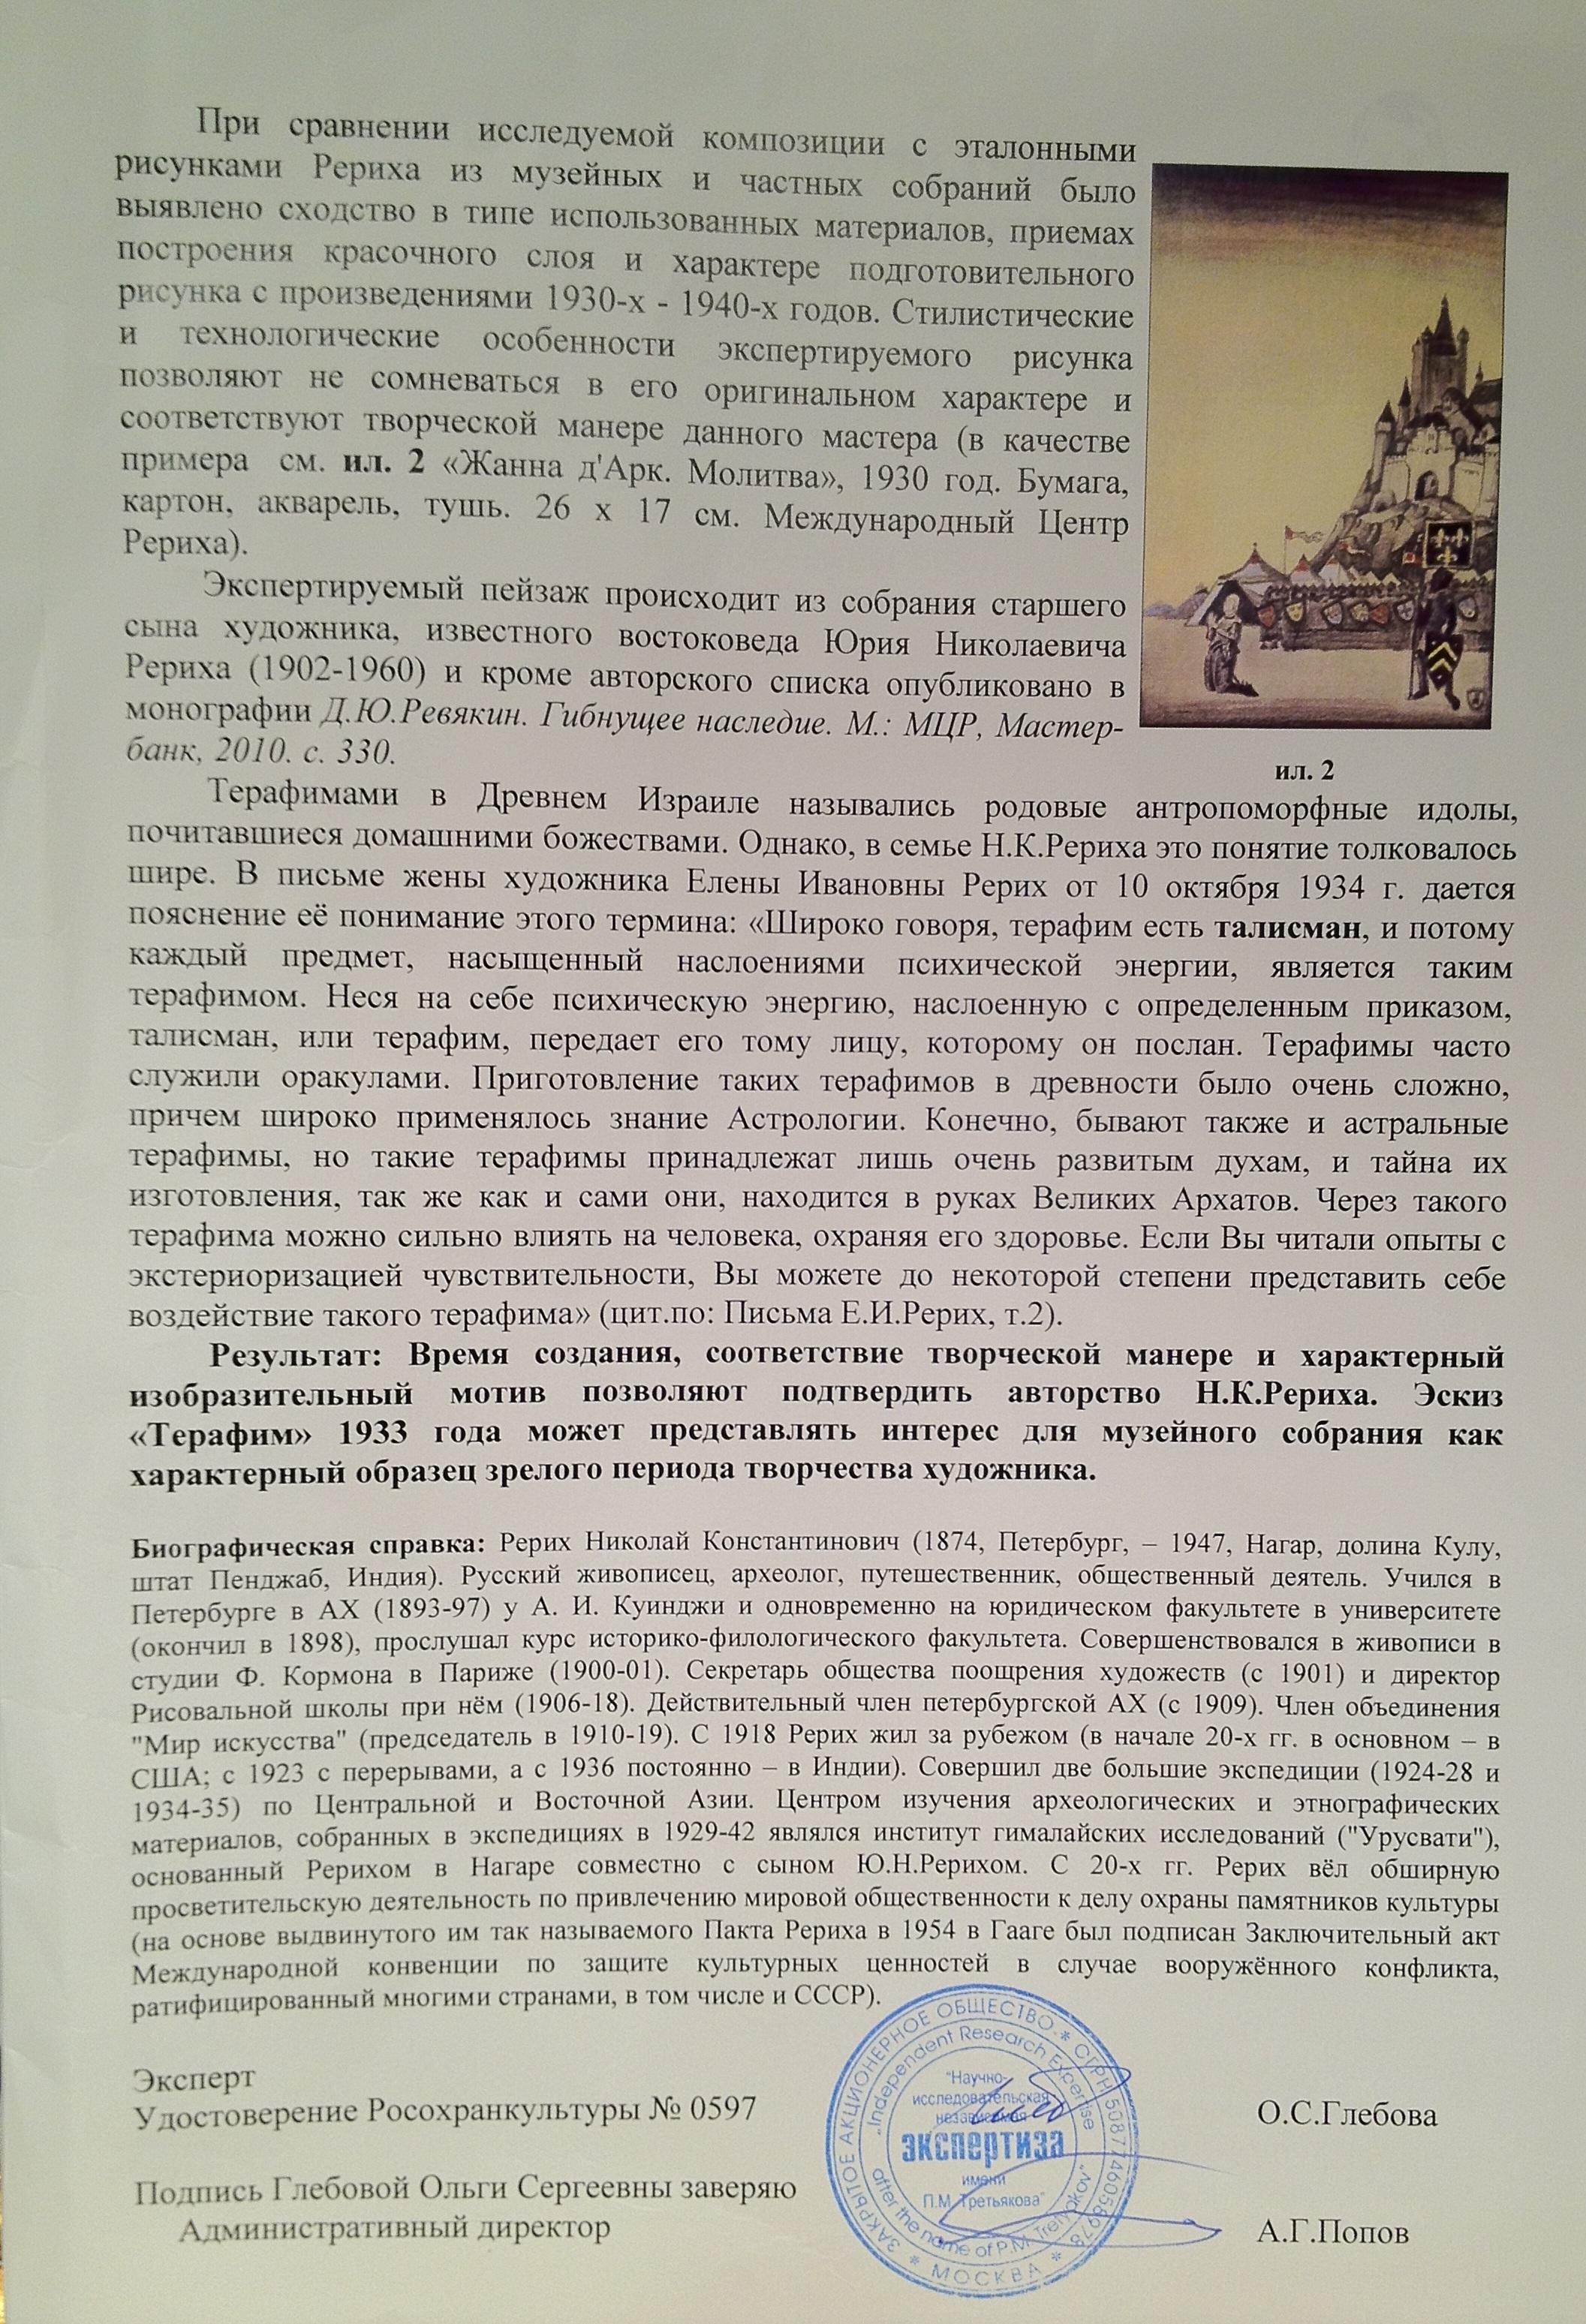 Эксперт. Рерих Николай Константинович. Терафим.